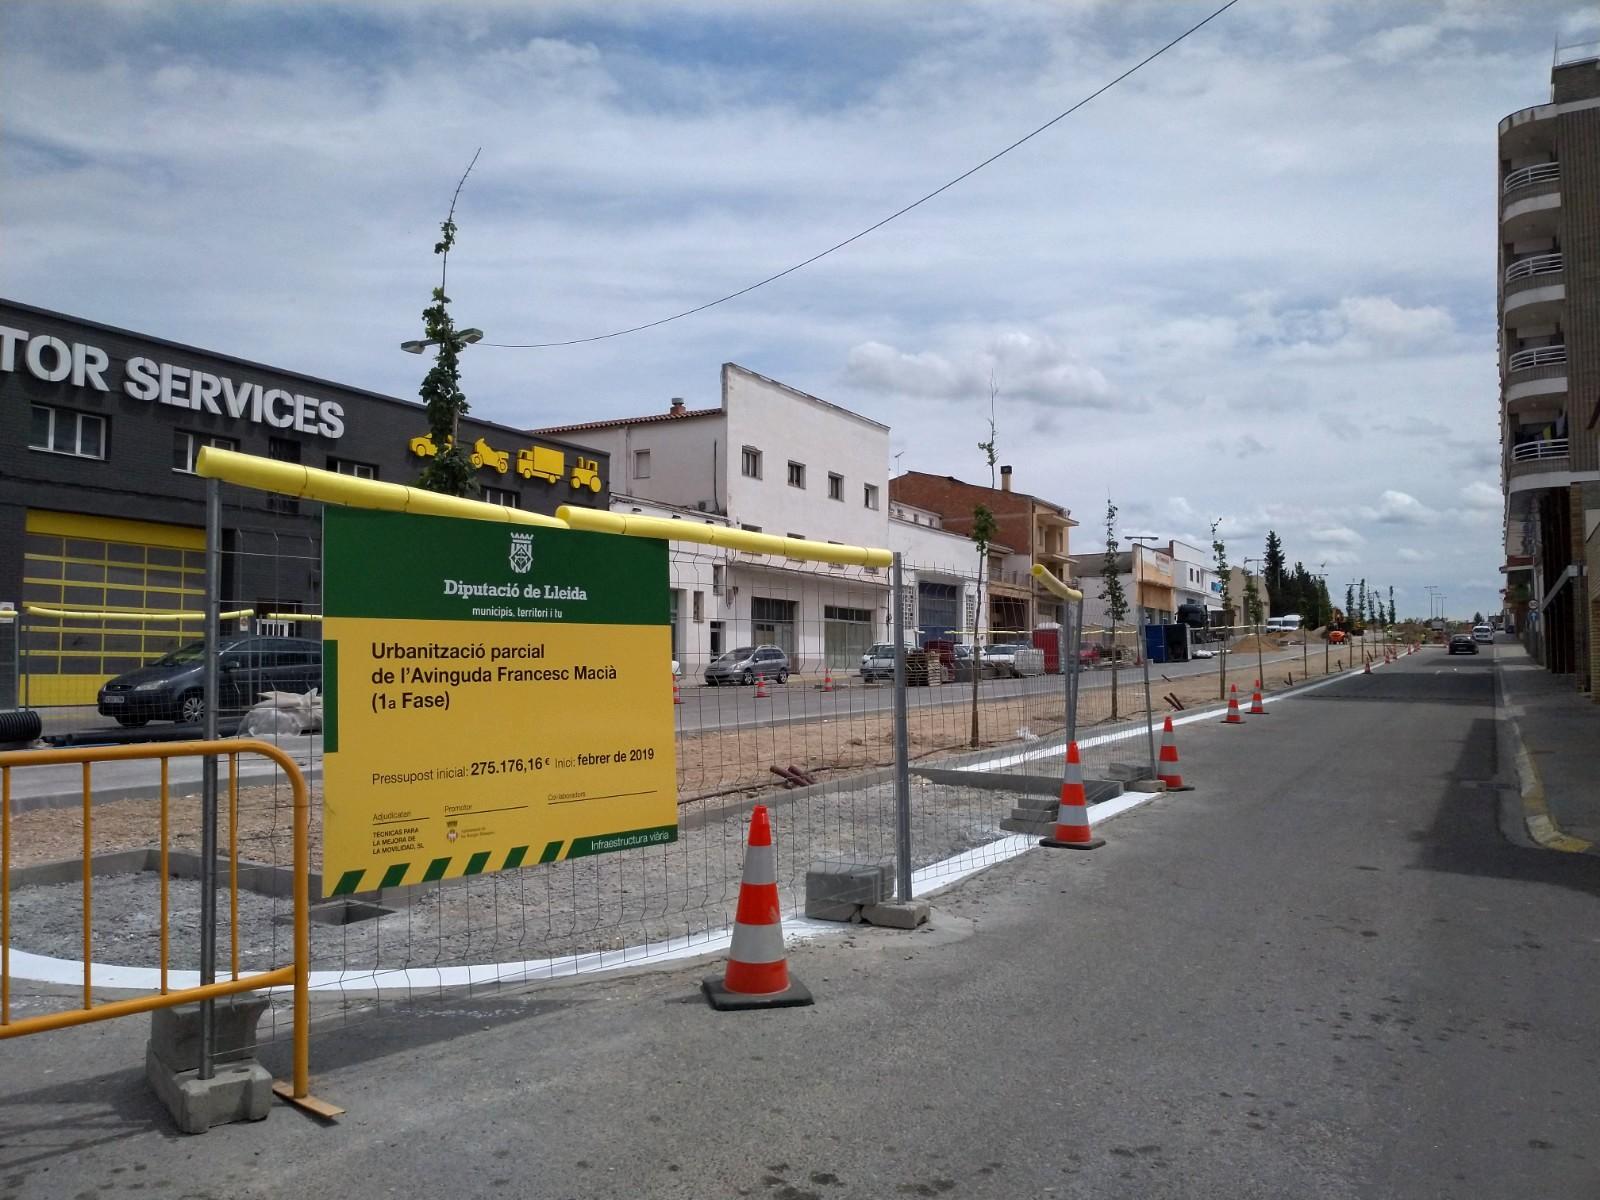 Les obres de reforma de l'Avinguda Francesc Macià de les Borges arriben al 75% d'execució